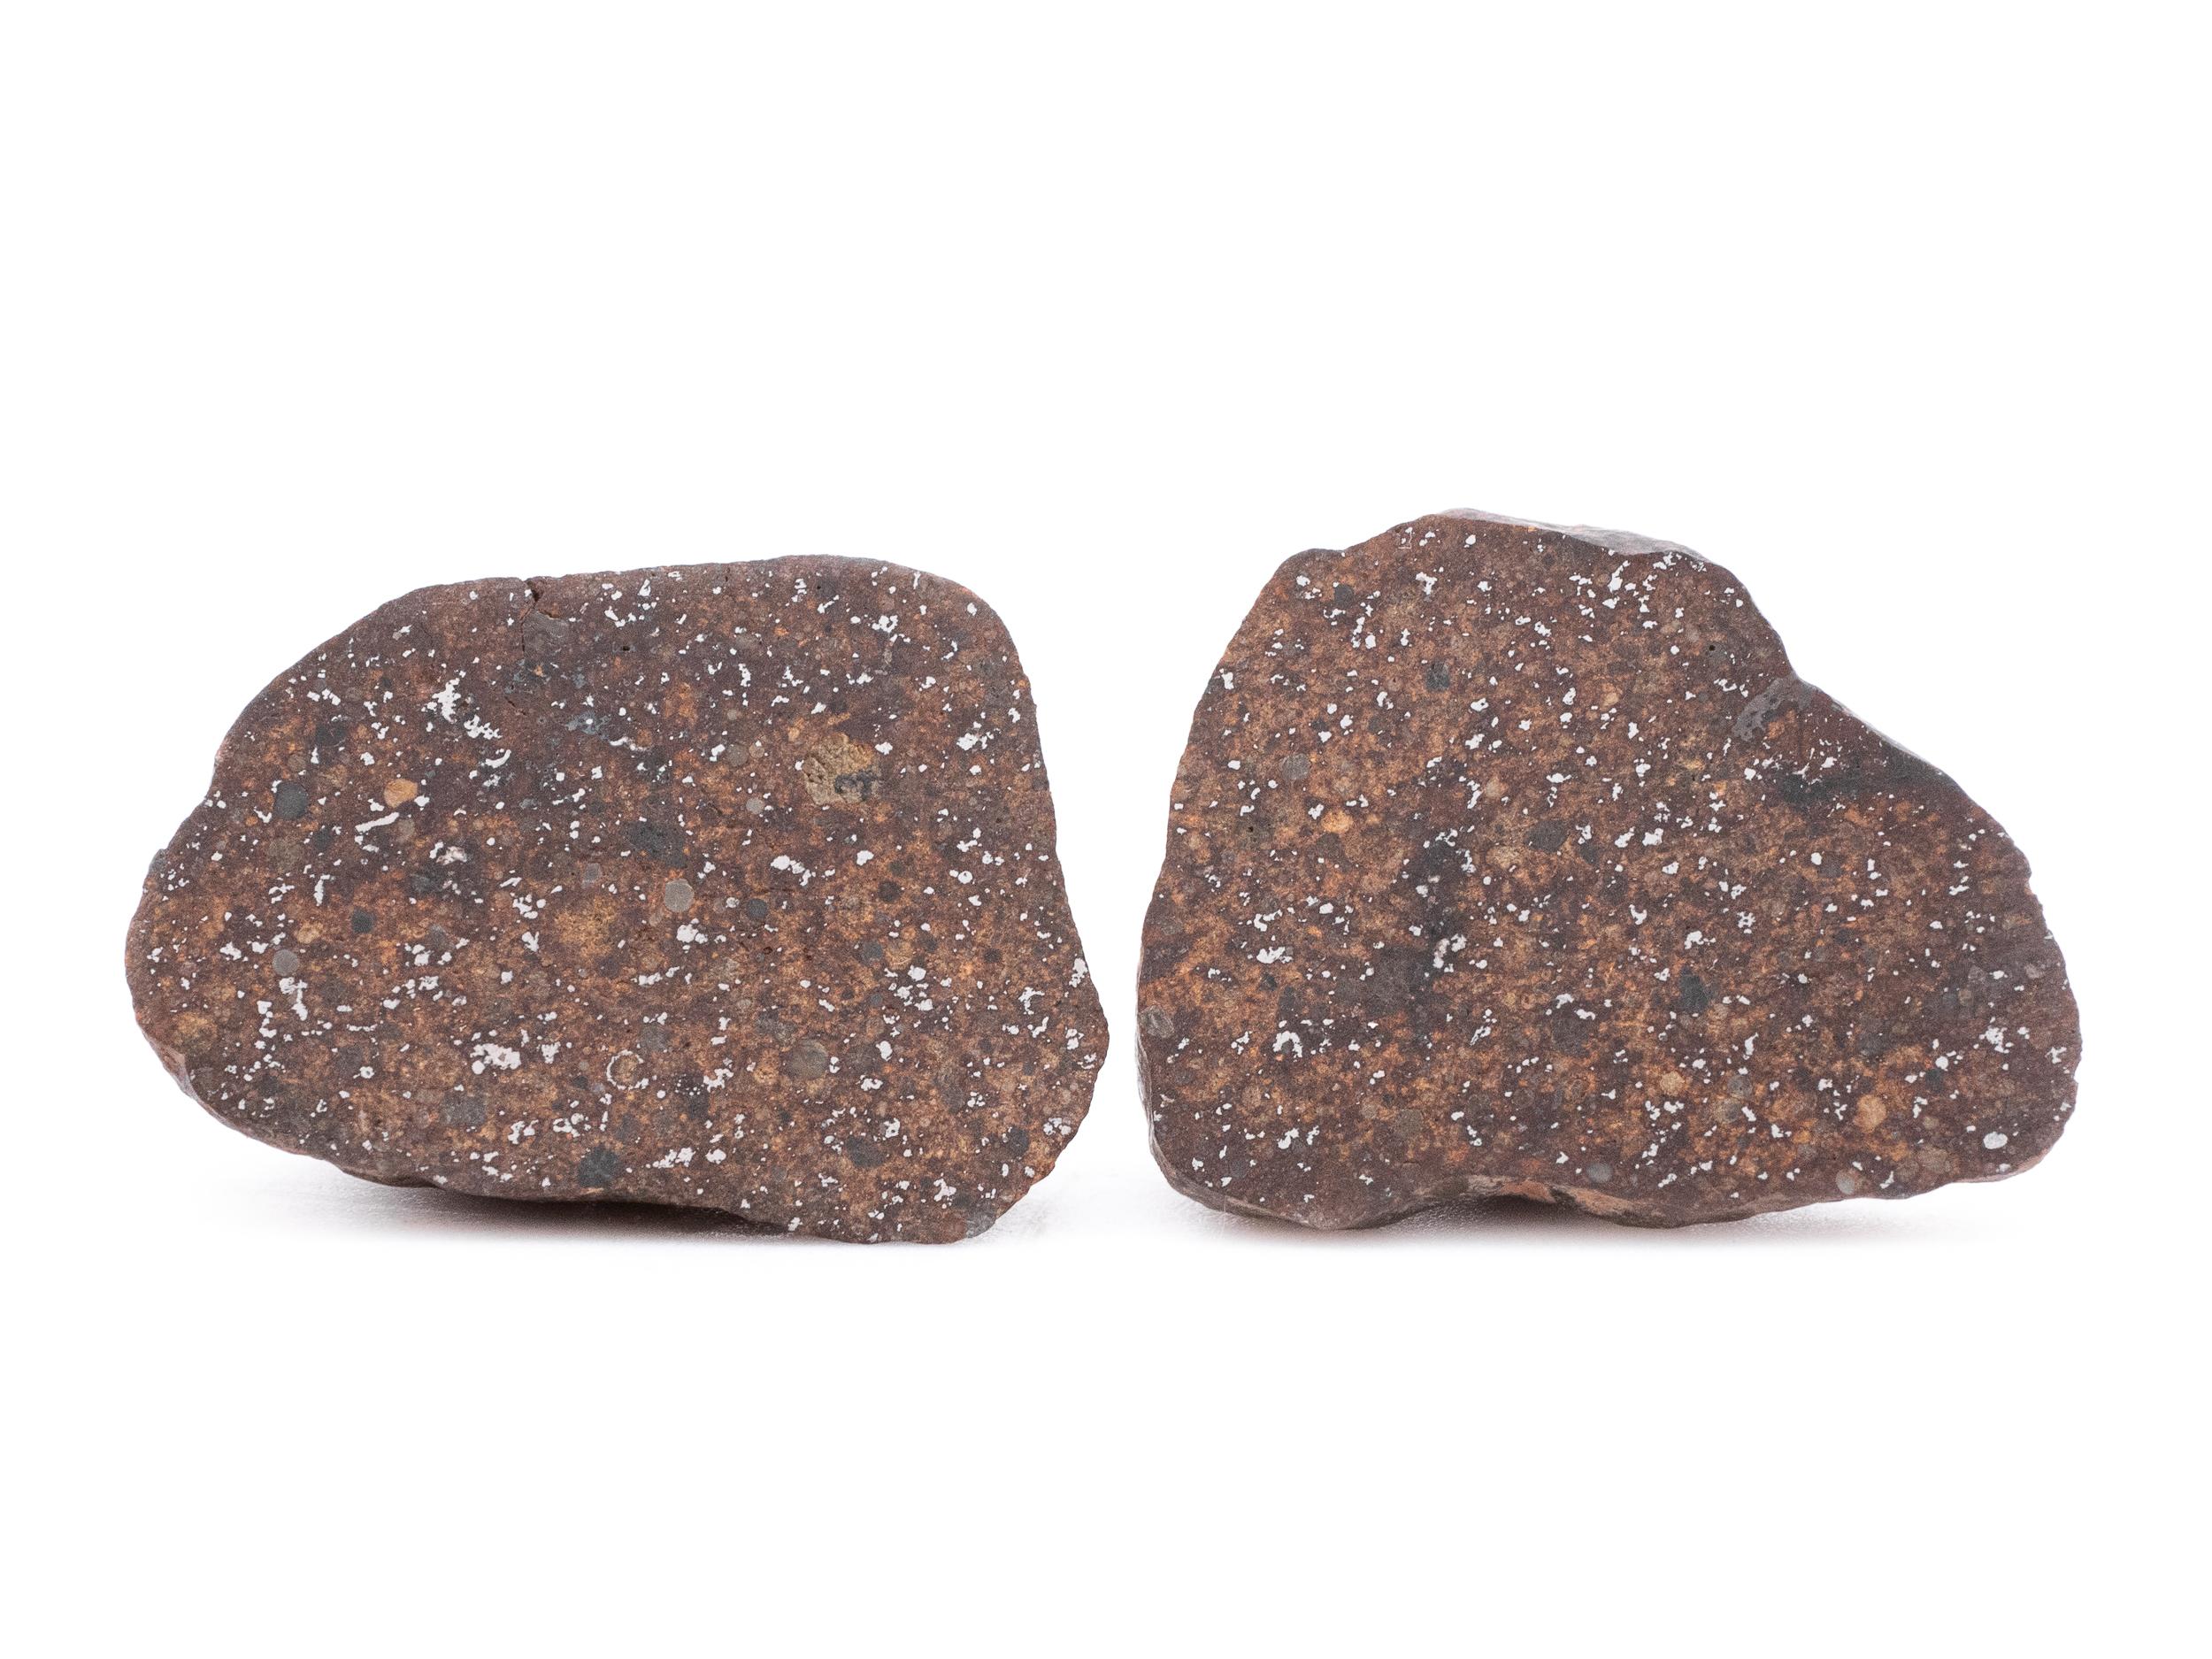 stone meteorite 39g